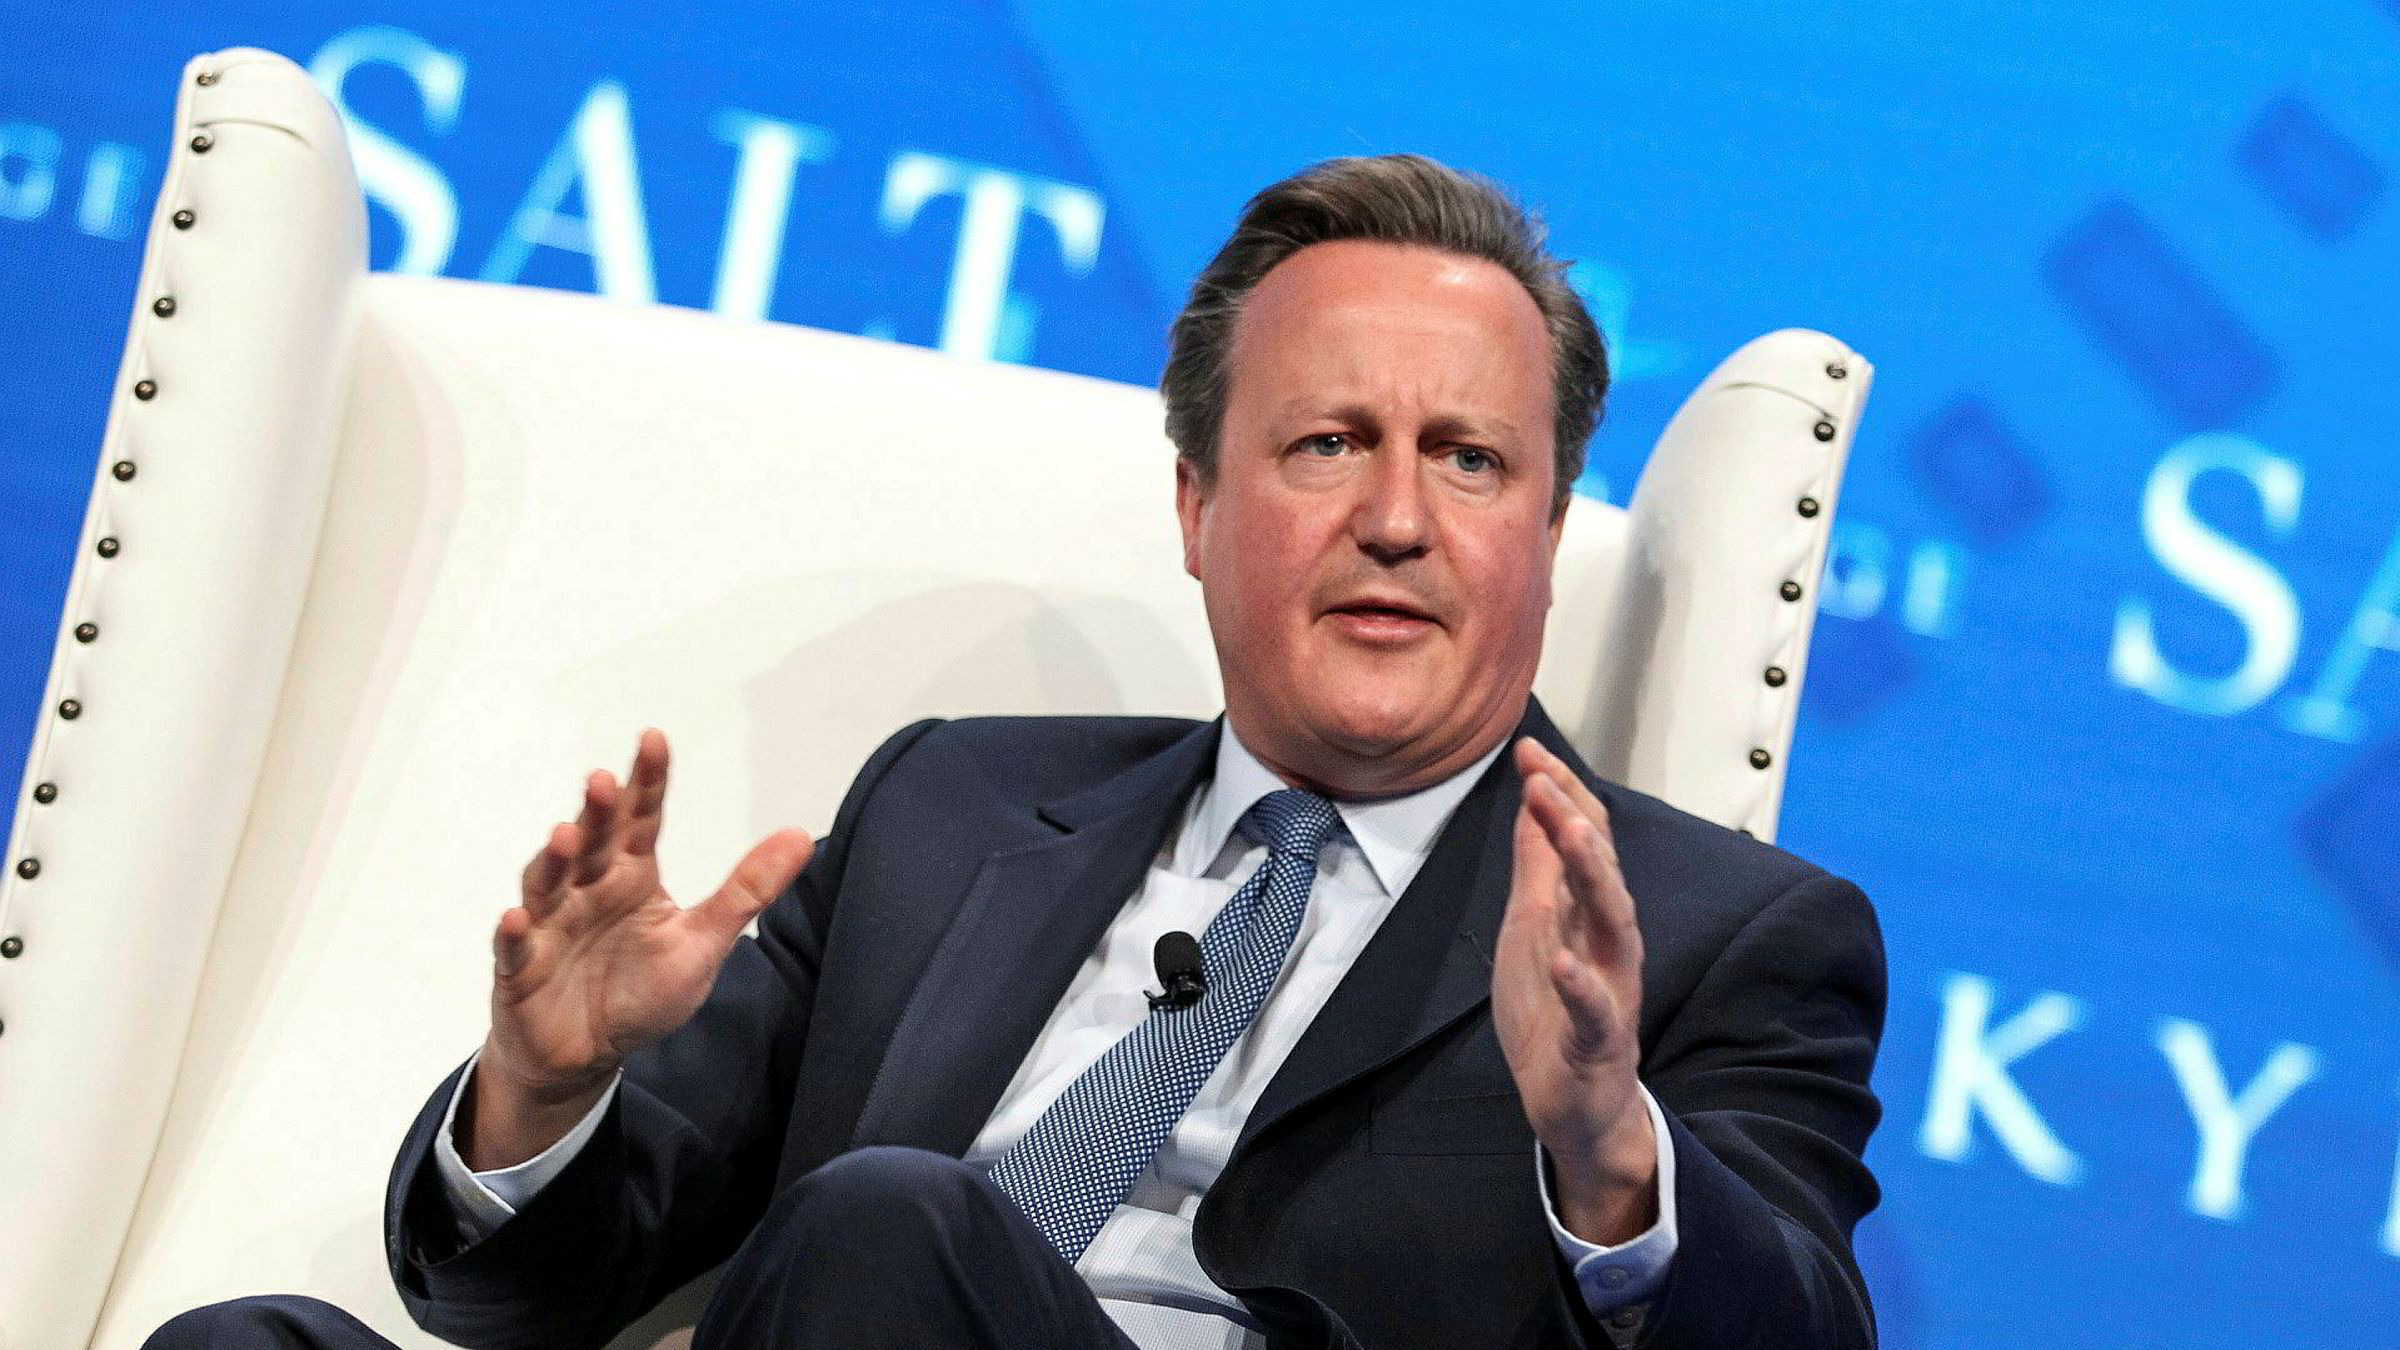 Tidligere statsminister David Cameron har kapret Kina-jobb. Bildet er tatt under en konferanse i Las Vegas i USA tidligere i år.